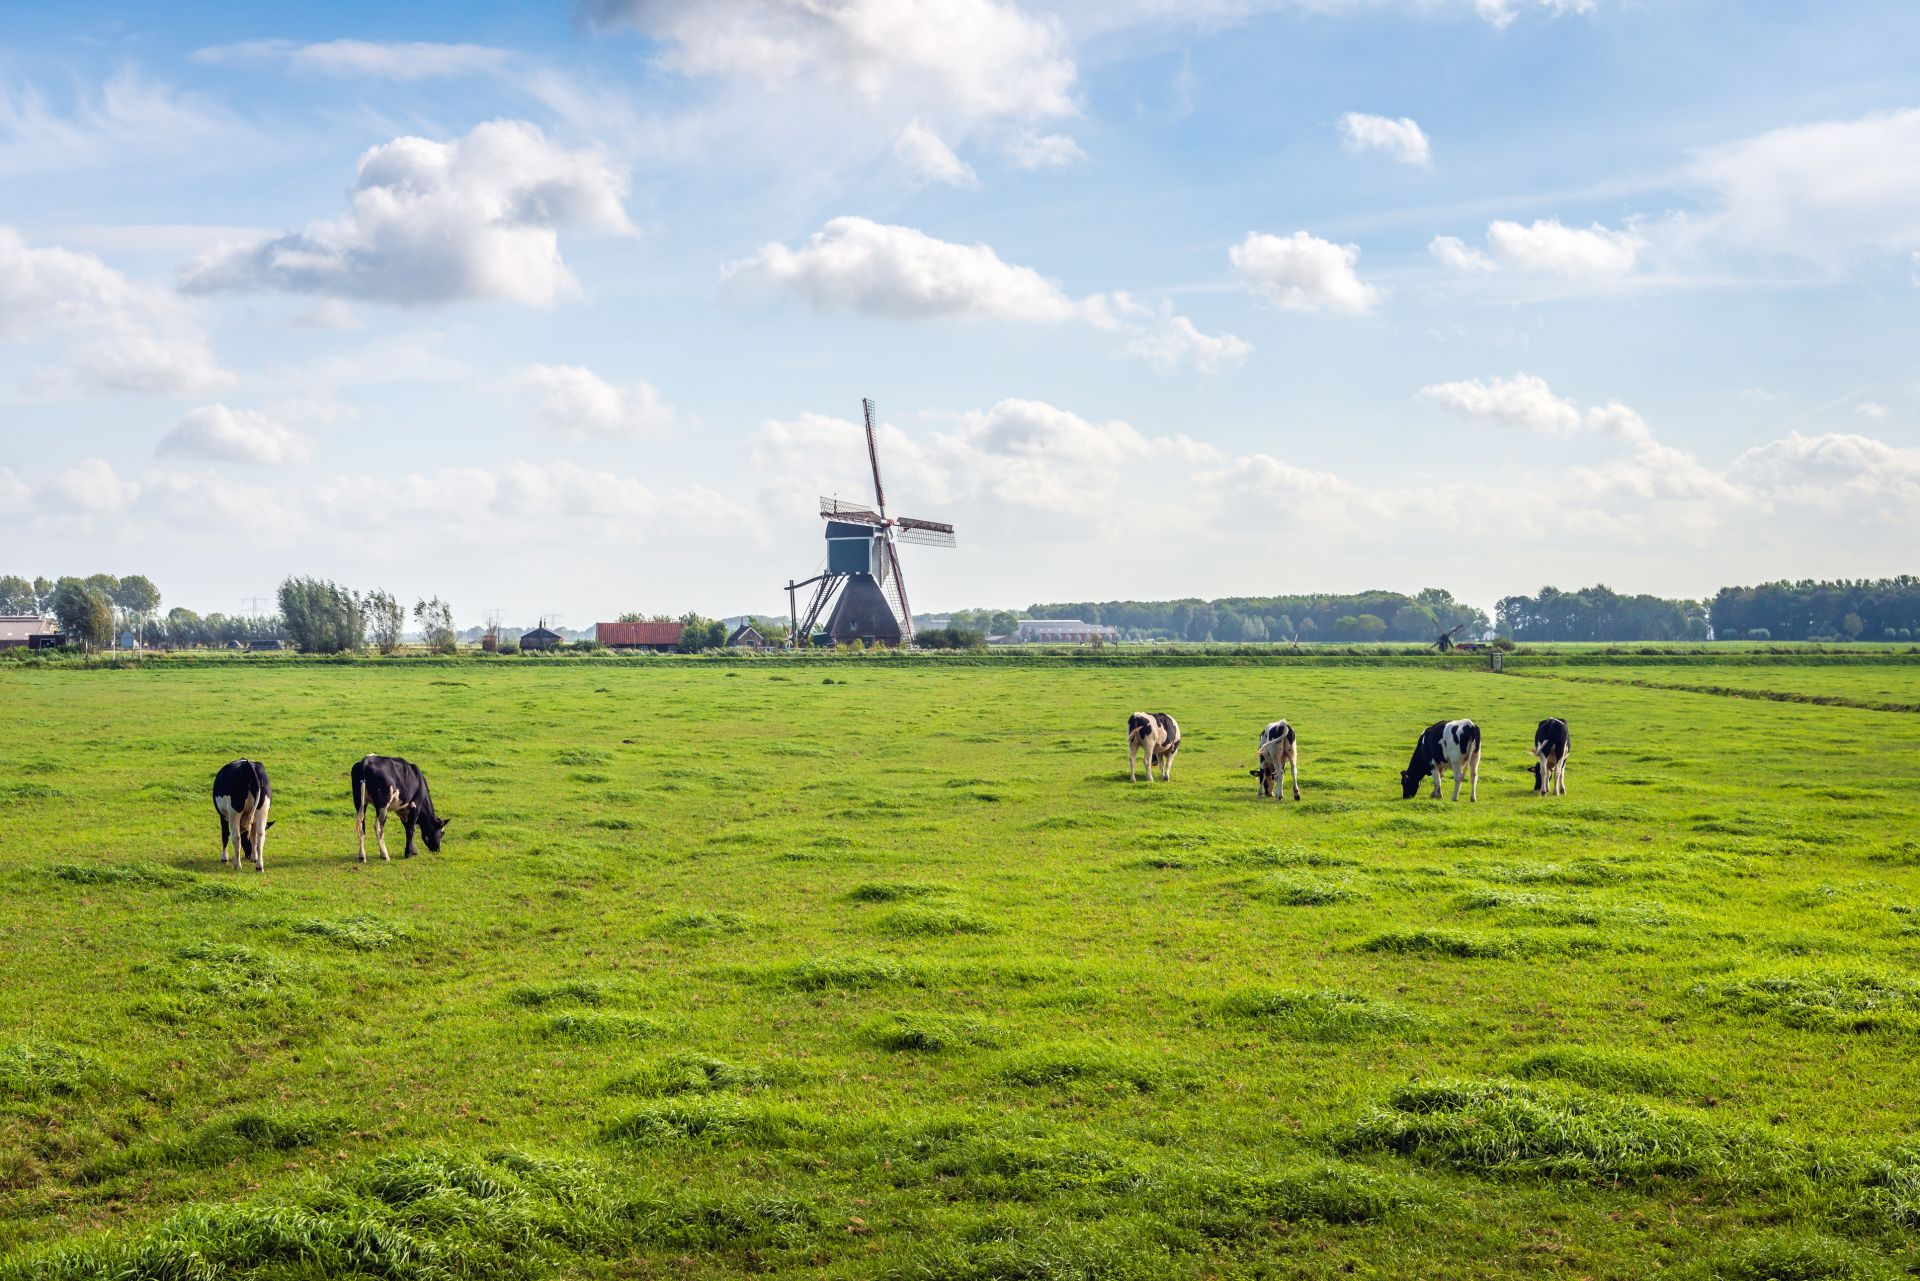 Типичен ландшафт на холандския полдер с паша на крави на поляната